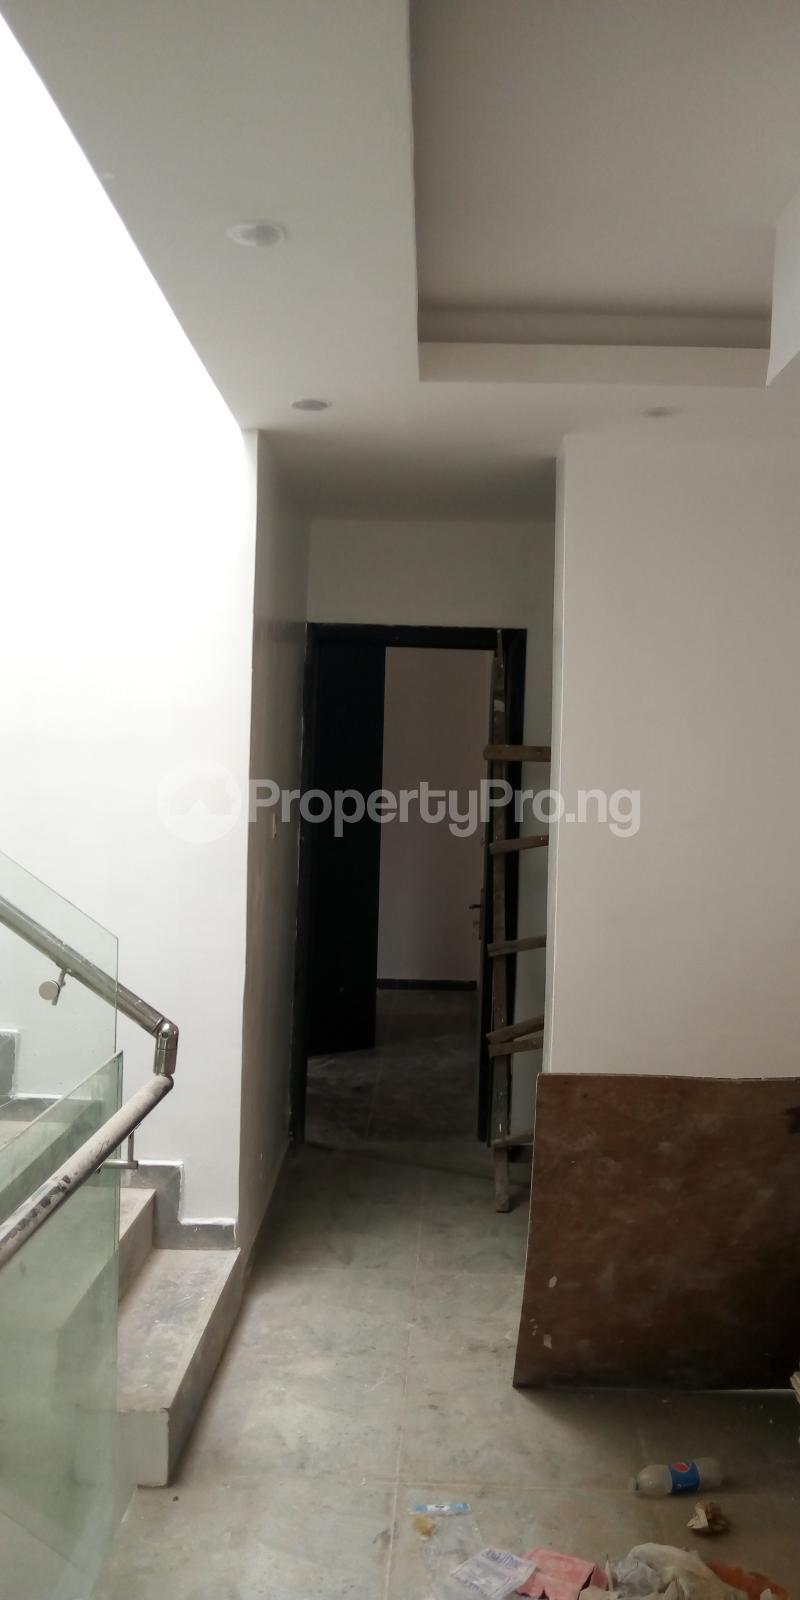 4 bedroom Detached Duplex for sale K Farm Estate Ifako-ogba Ogba Lagos - 2